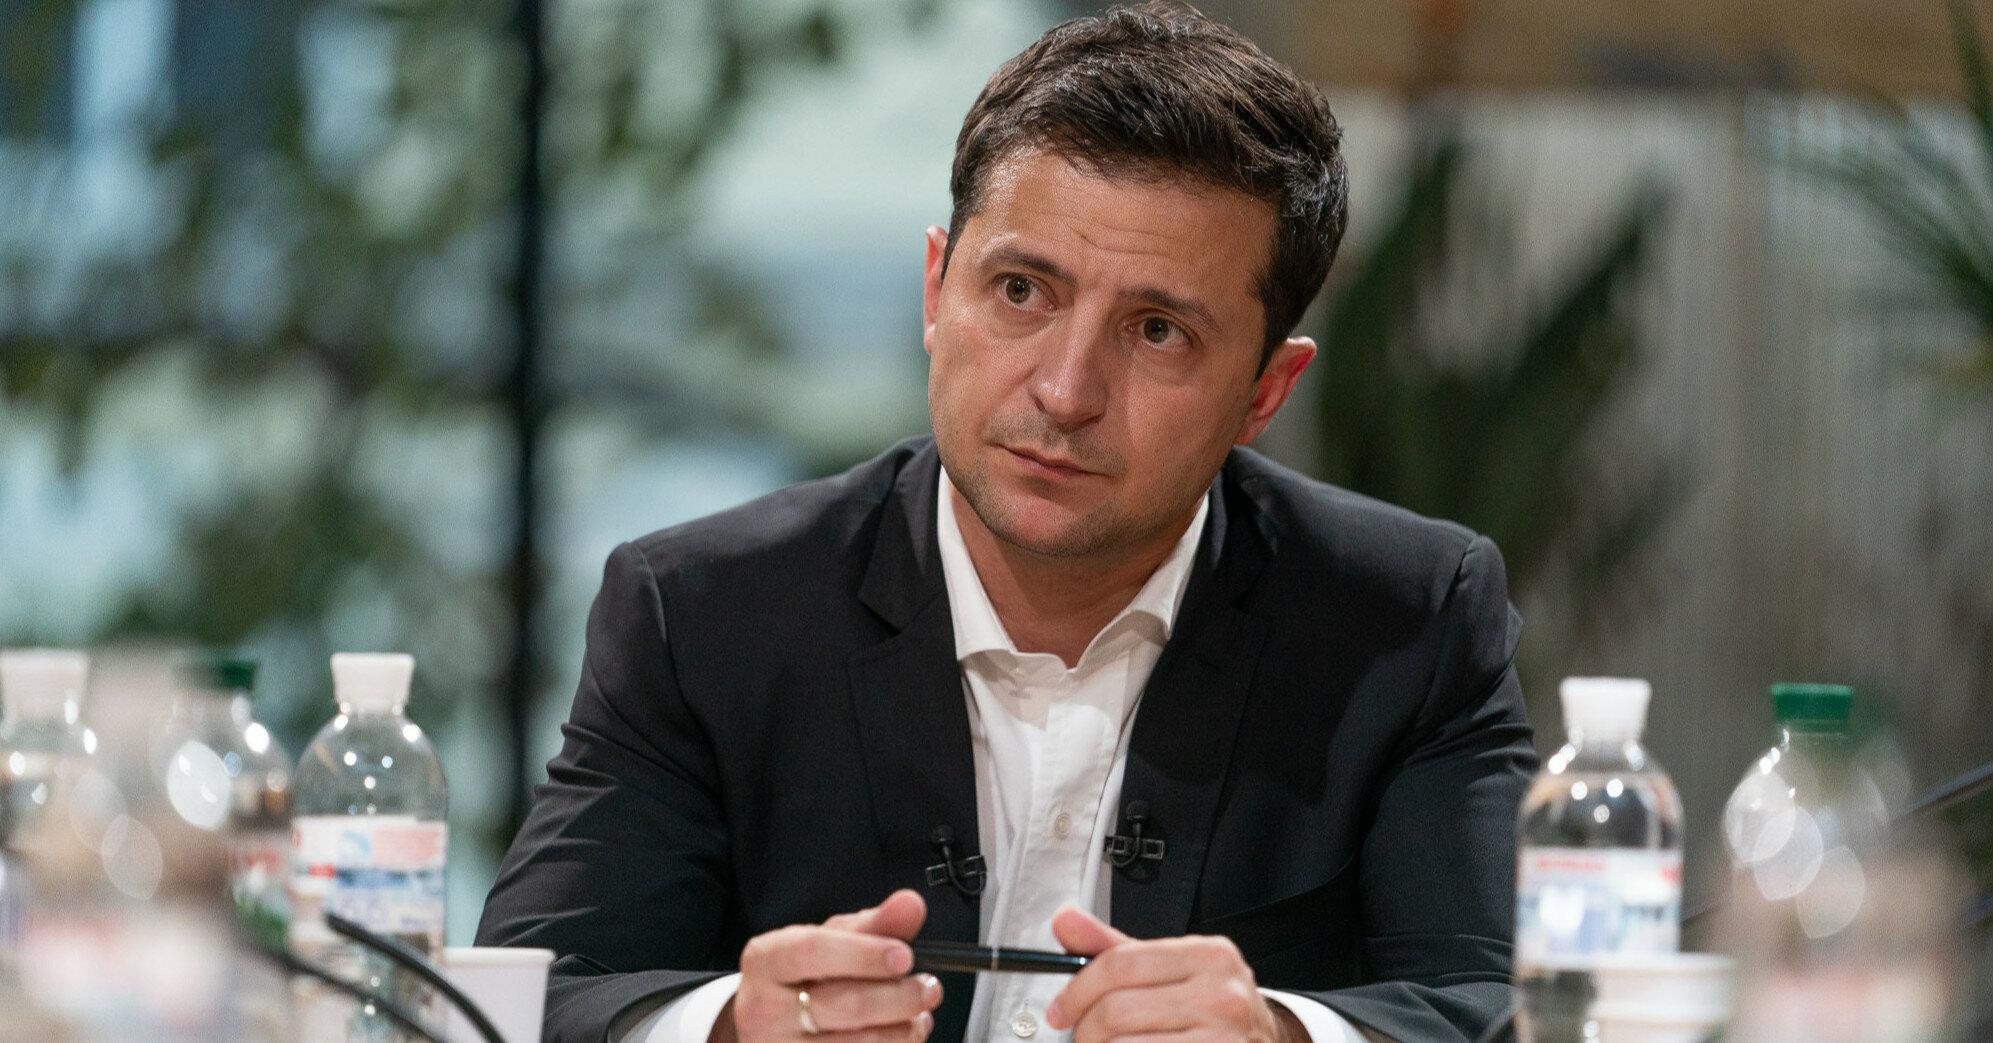 Зеленский назвал роль украинцев в разработке марсианского вертолета